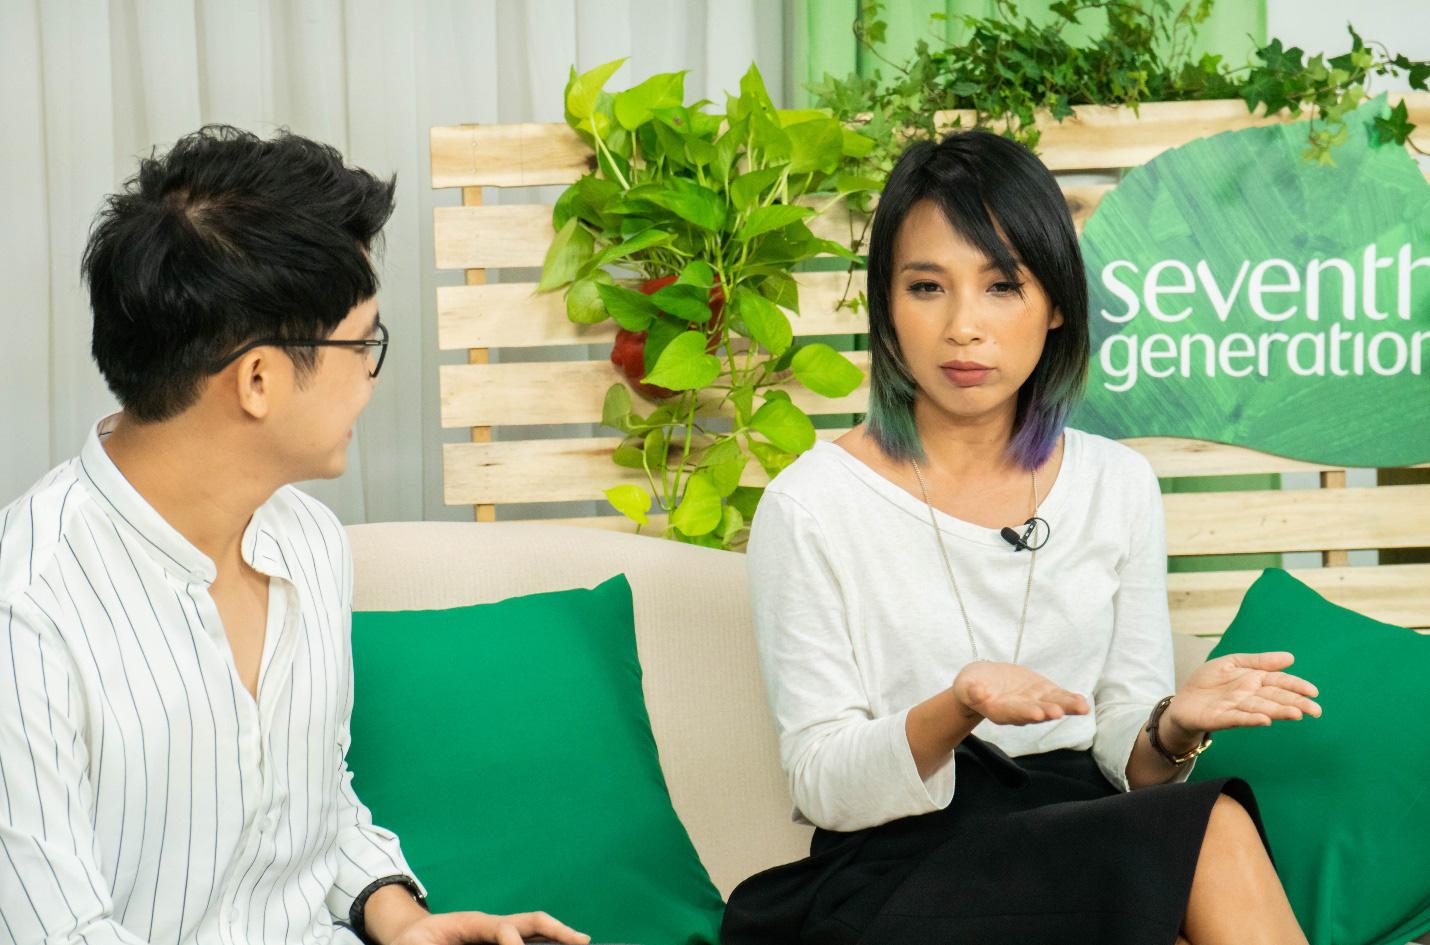 Giật mình với những chia sẻ của MC Thùy Minh về biến đổi khí hậu và sống xanh - Ảnh 3.